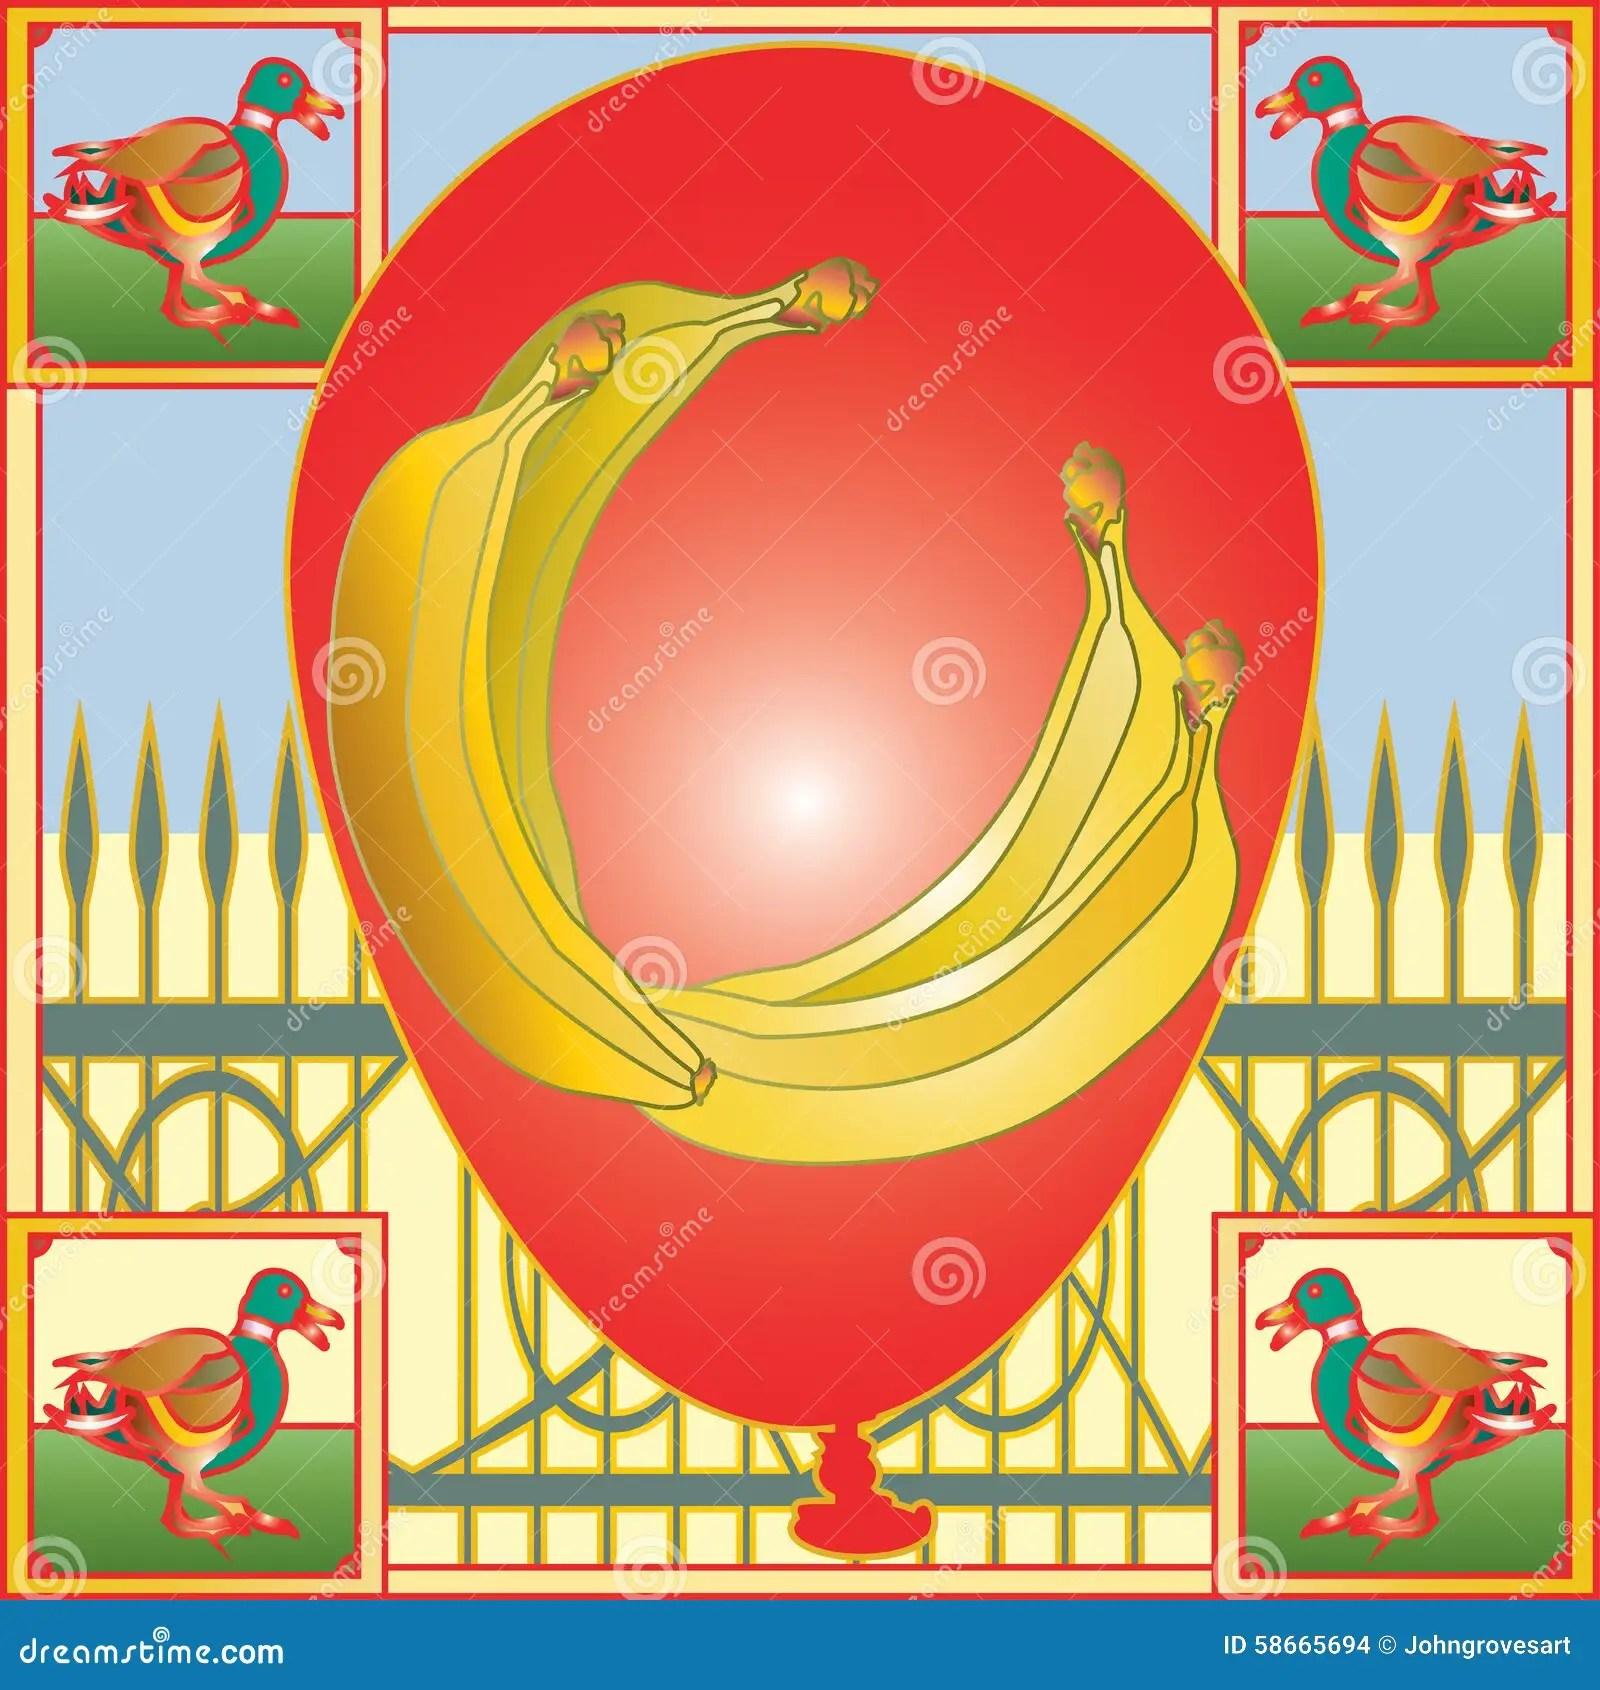 Banana Balloon Stock Illustration